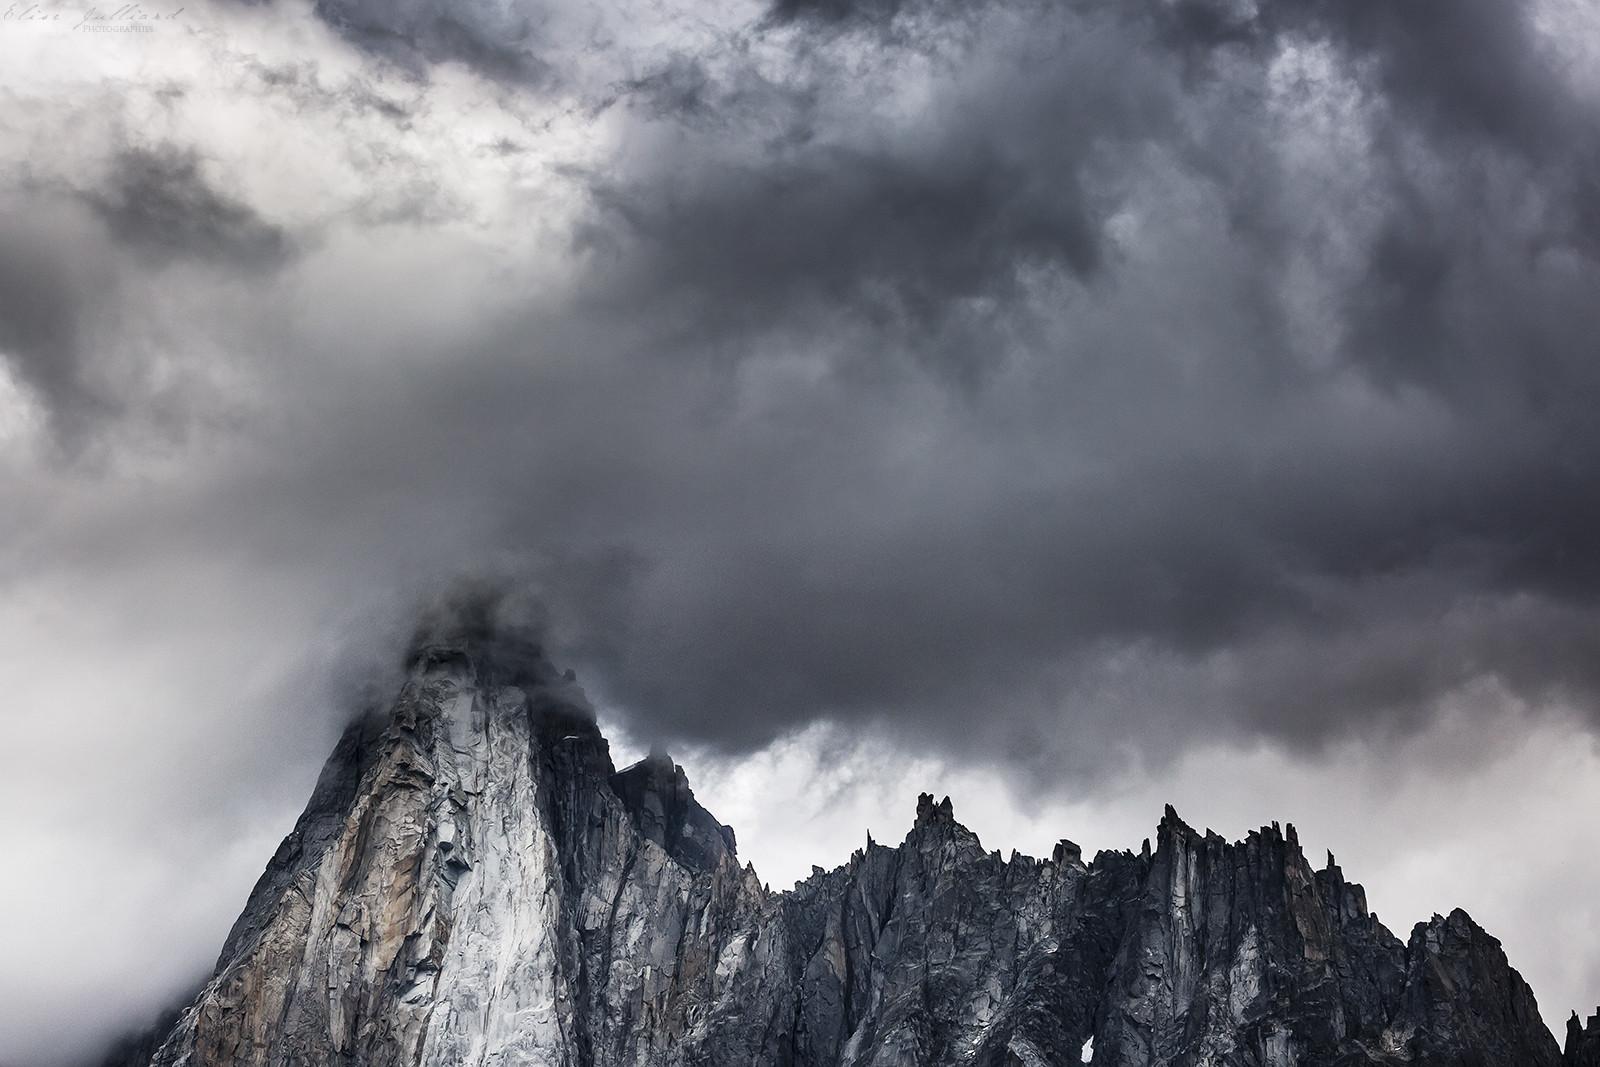 elise-julliard-photographe-lyon-auvergne-rhone-alpes-paysage-haute-montagne-alpes-chamonix-les-drus-montenvers-mer-de-glace-mont-blanc